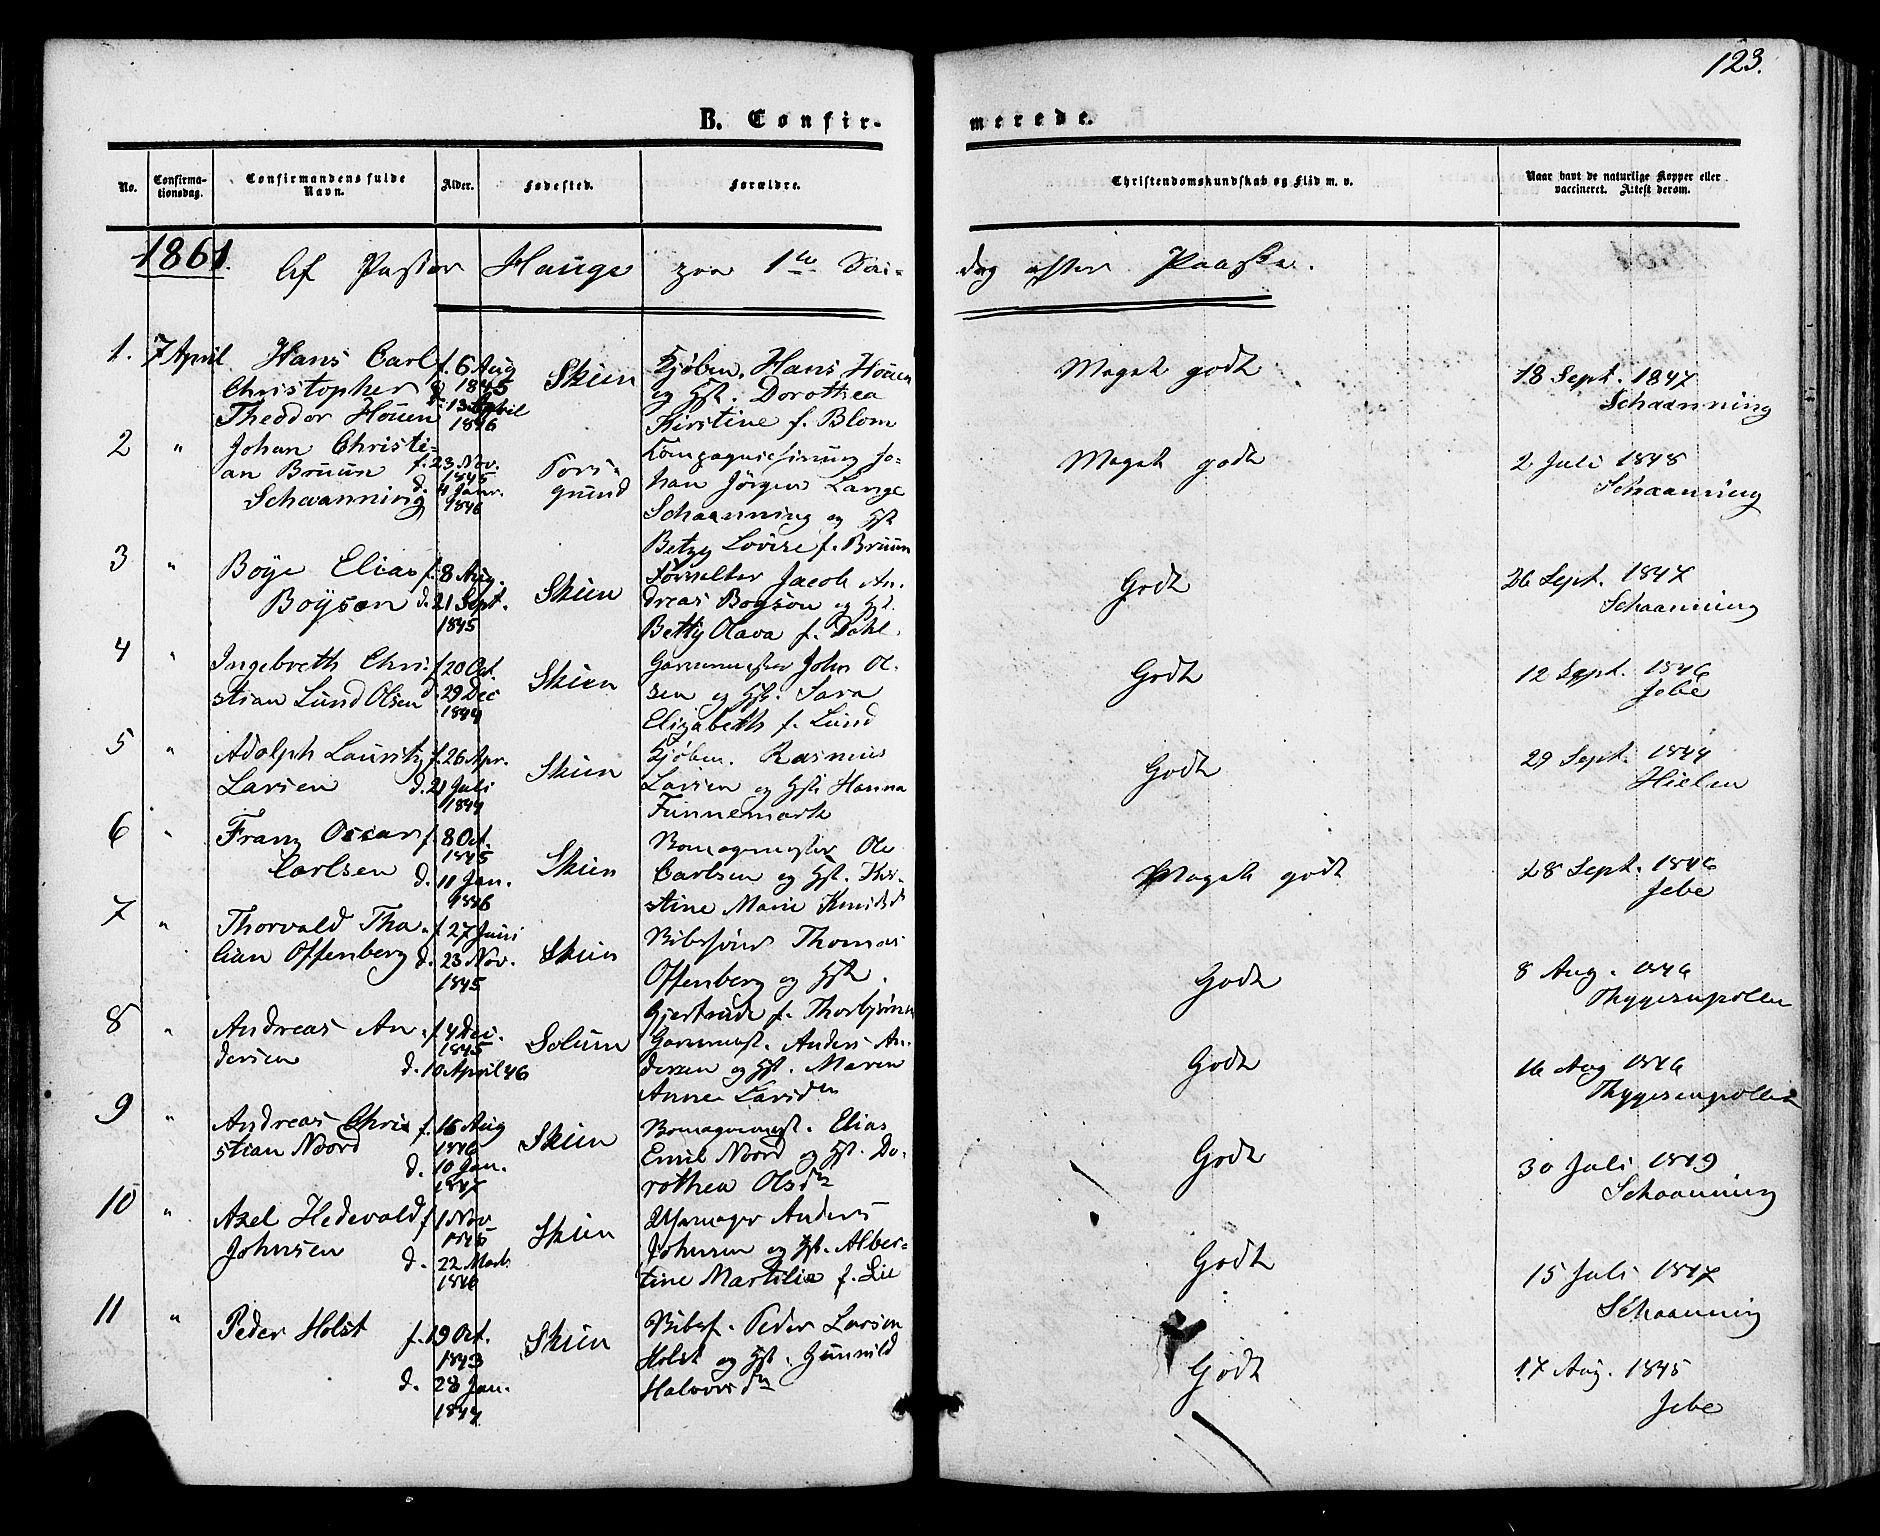 SAKO, Skien kirkebøker, F/Fa/L0007: Ministerialbok nr. 7, 1856-1865, s. 123